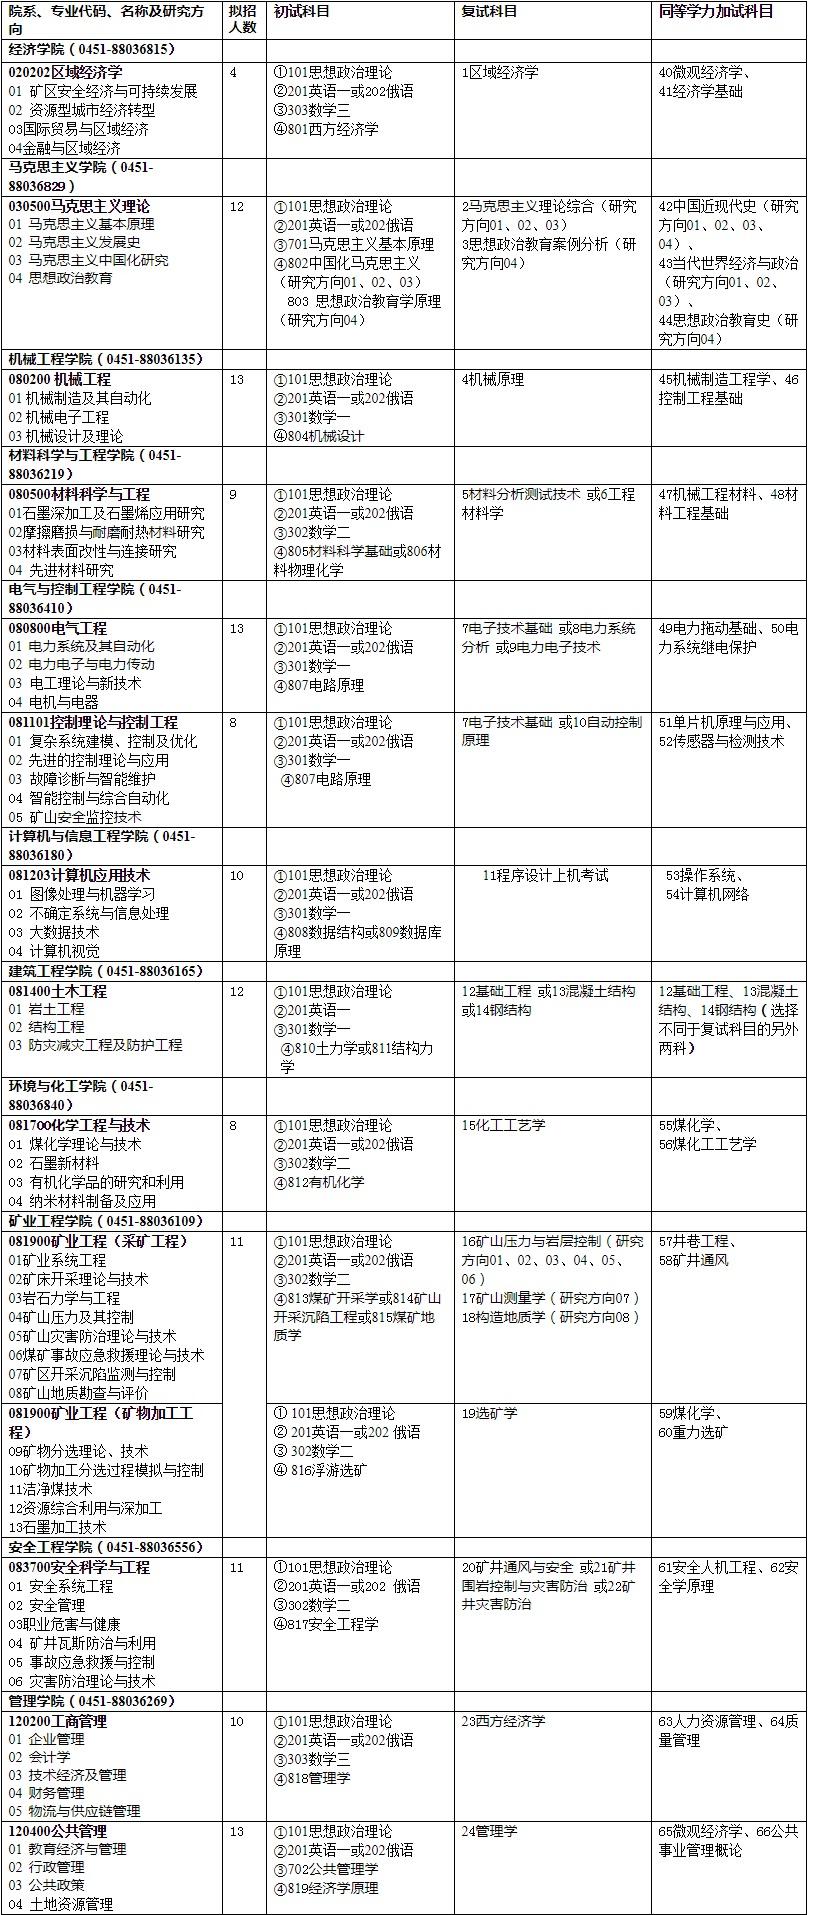 黑龙江科技大学2019年硕士研究生招生目录